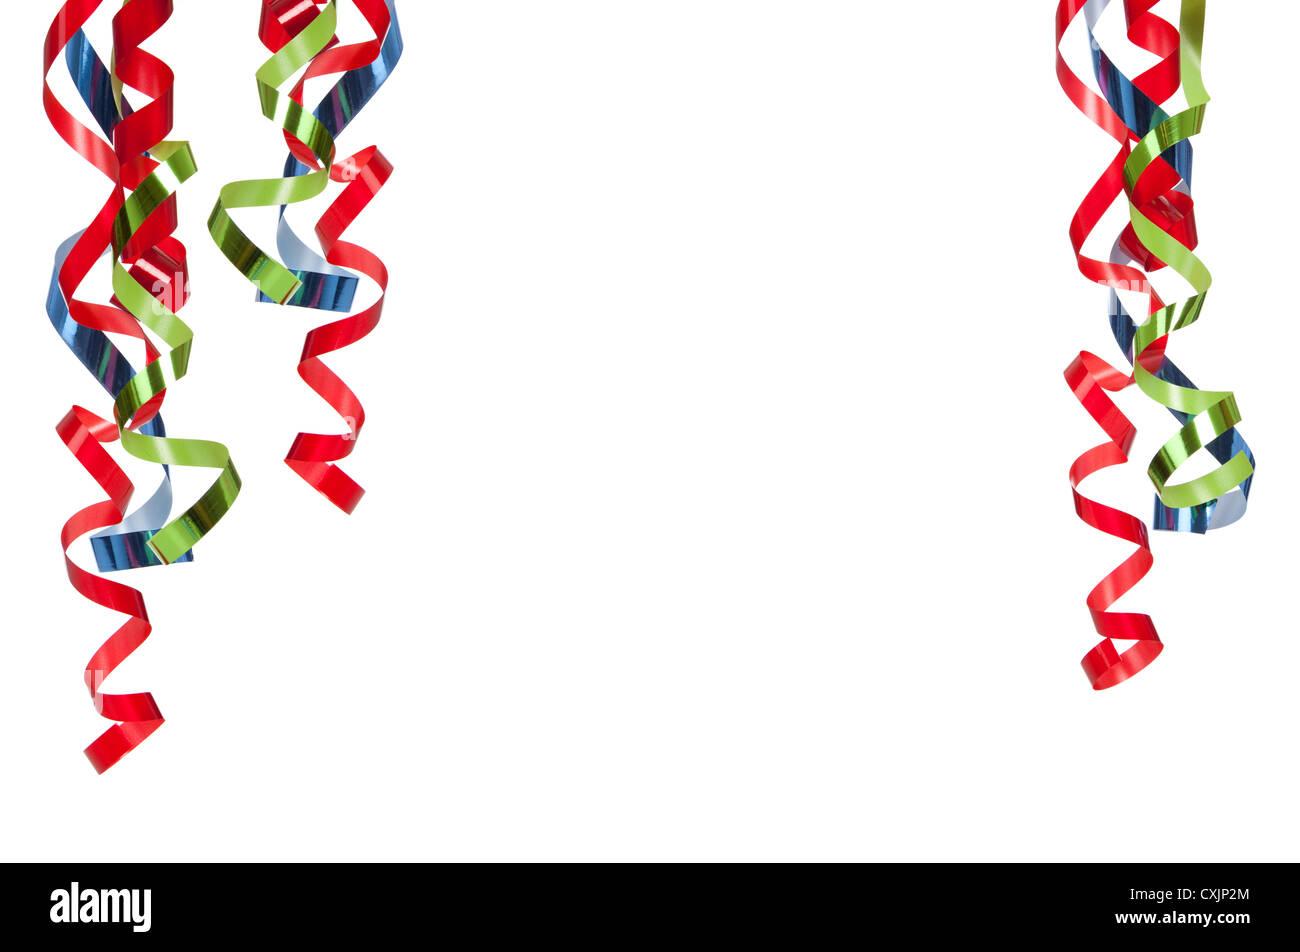 Rizado de cinta de Navidad sobre un fondo blanco con espacio de copia Imagen De Stock